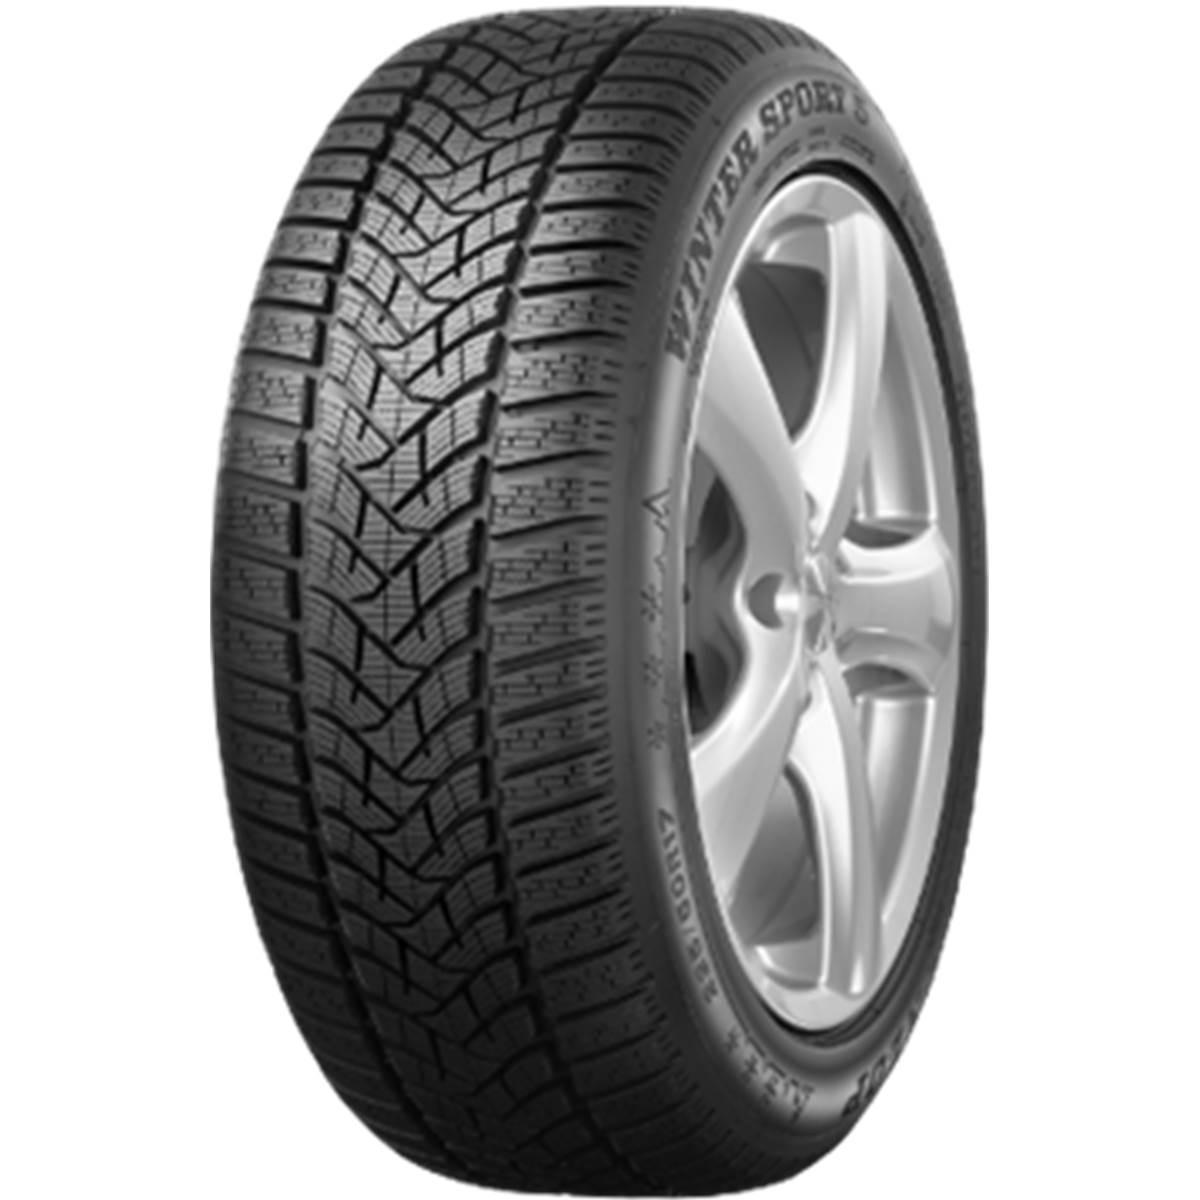 Dunlop Winspt5suv Xl